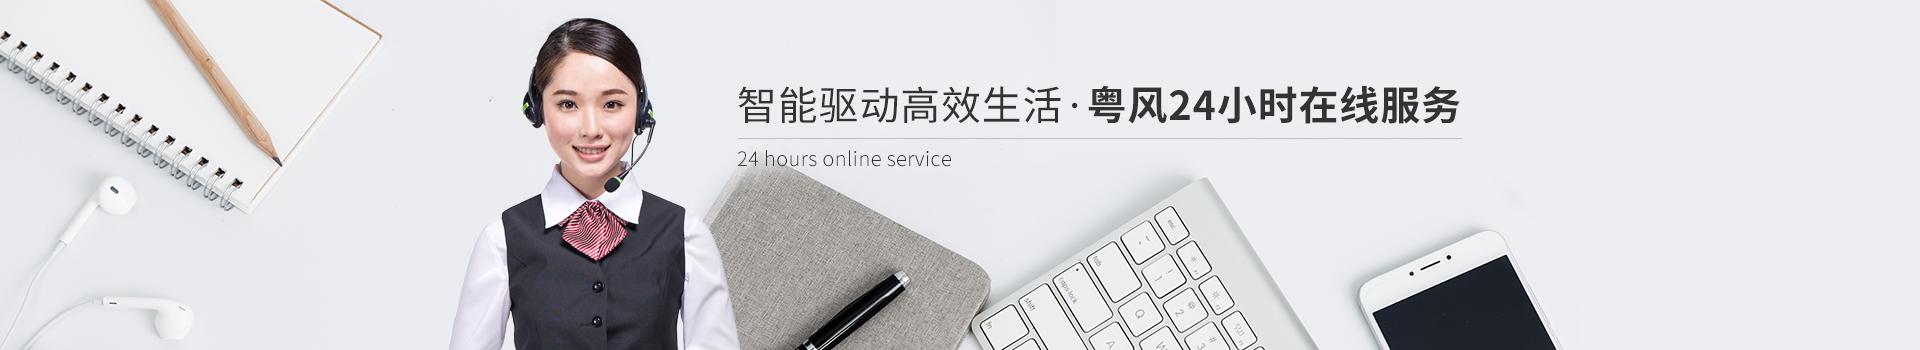 智能驱动高效生活,粤风24小时在线服务